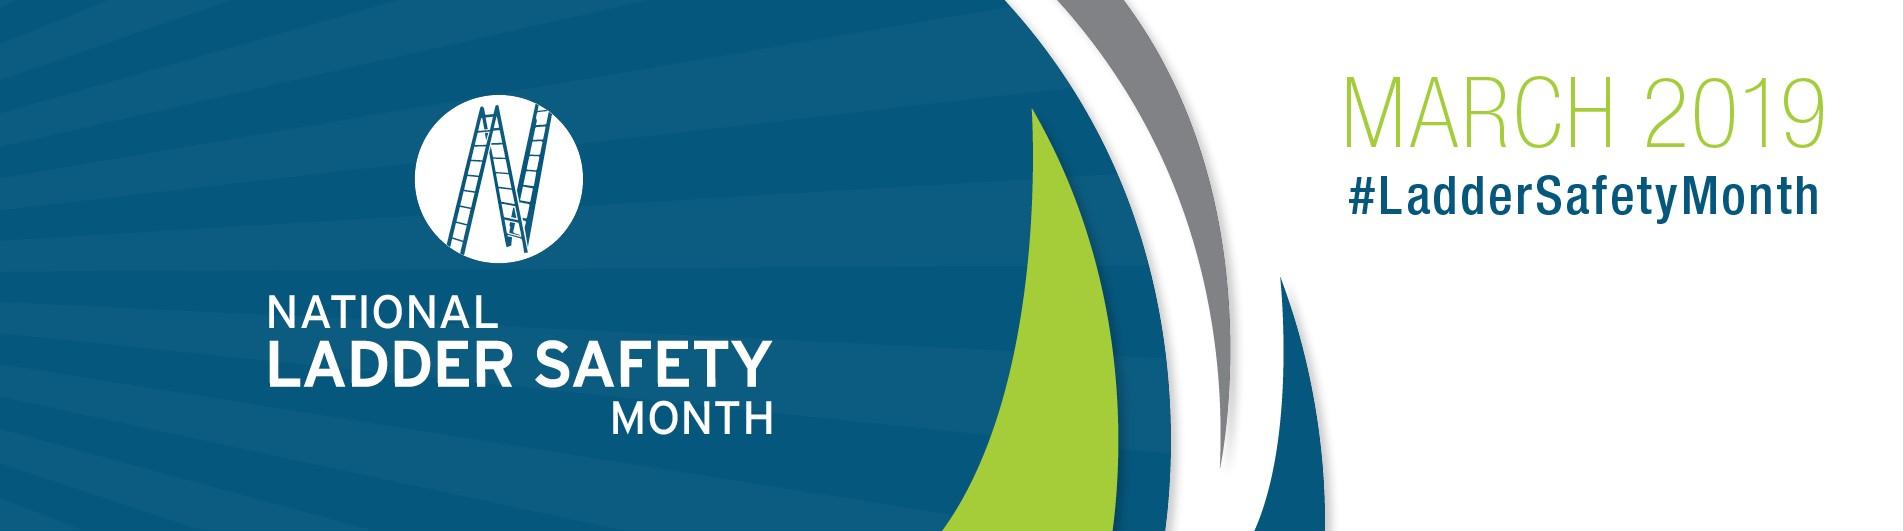 ladder safety month